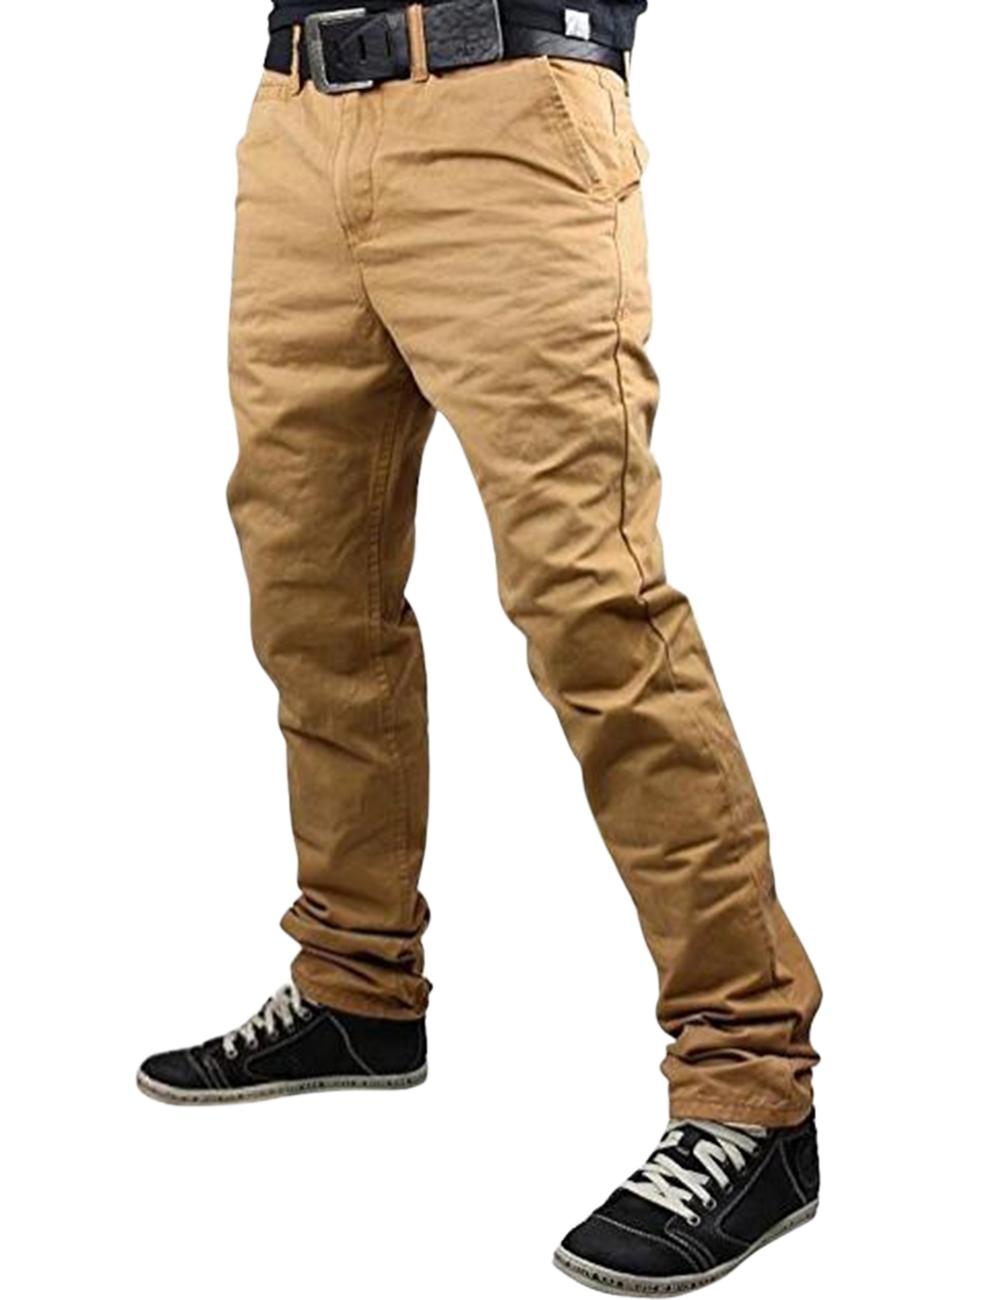 Fashionable Men Solid Color Trousers Business Straight-leg Pants Casual Cotton Pants Khaki_L